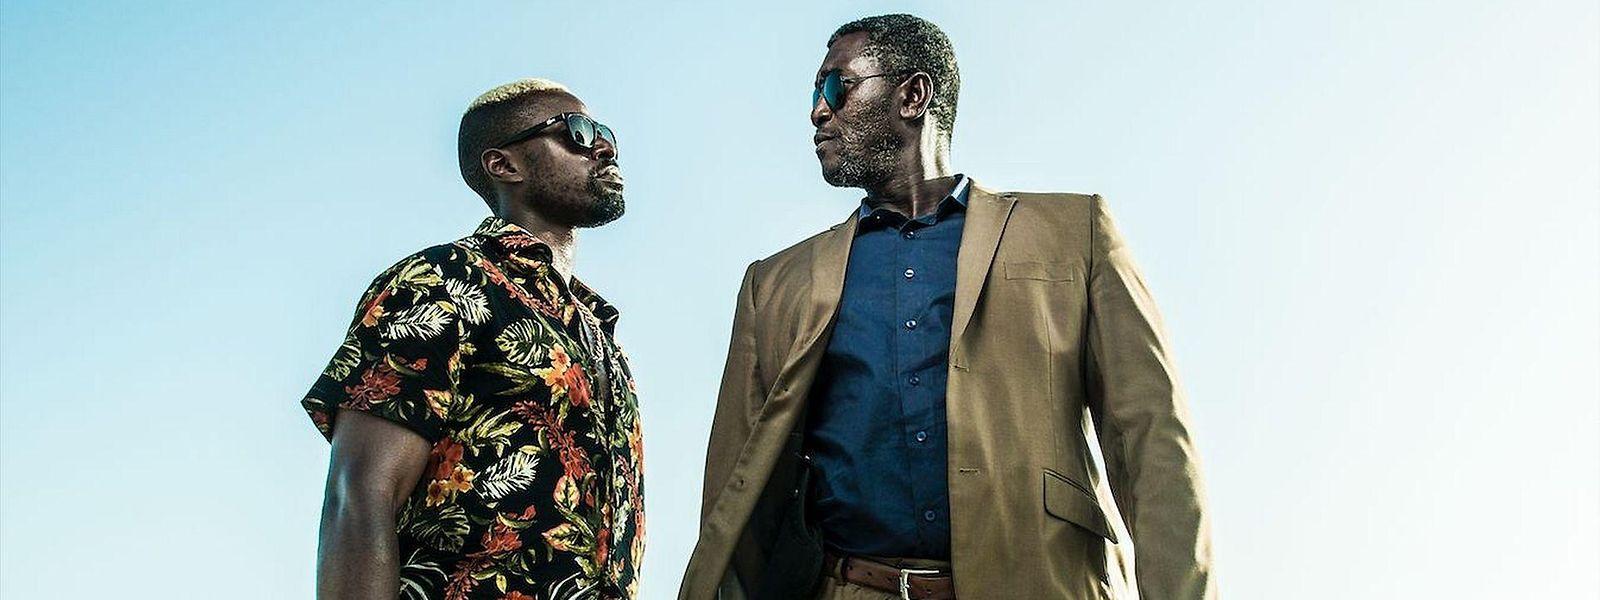 X Basile Mangane (Yann Gael, l.) und Soulaymane Sakho (Issaka Sawadogo) ermitteln in einem ungewöhnlichen Krimiabenteuer in Dakar.